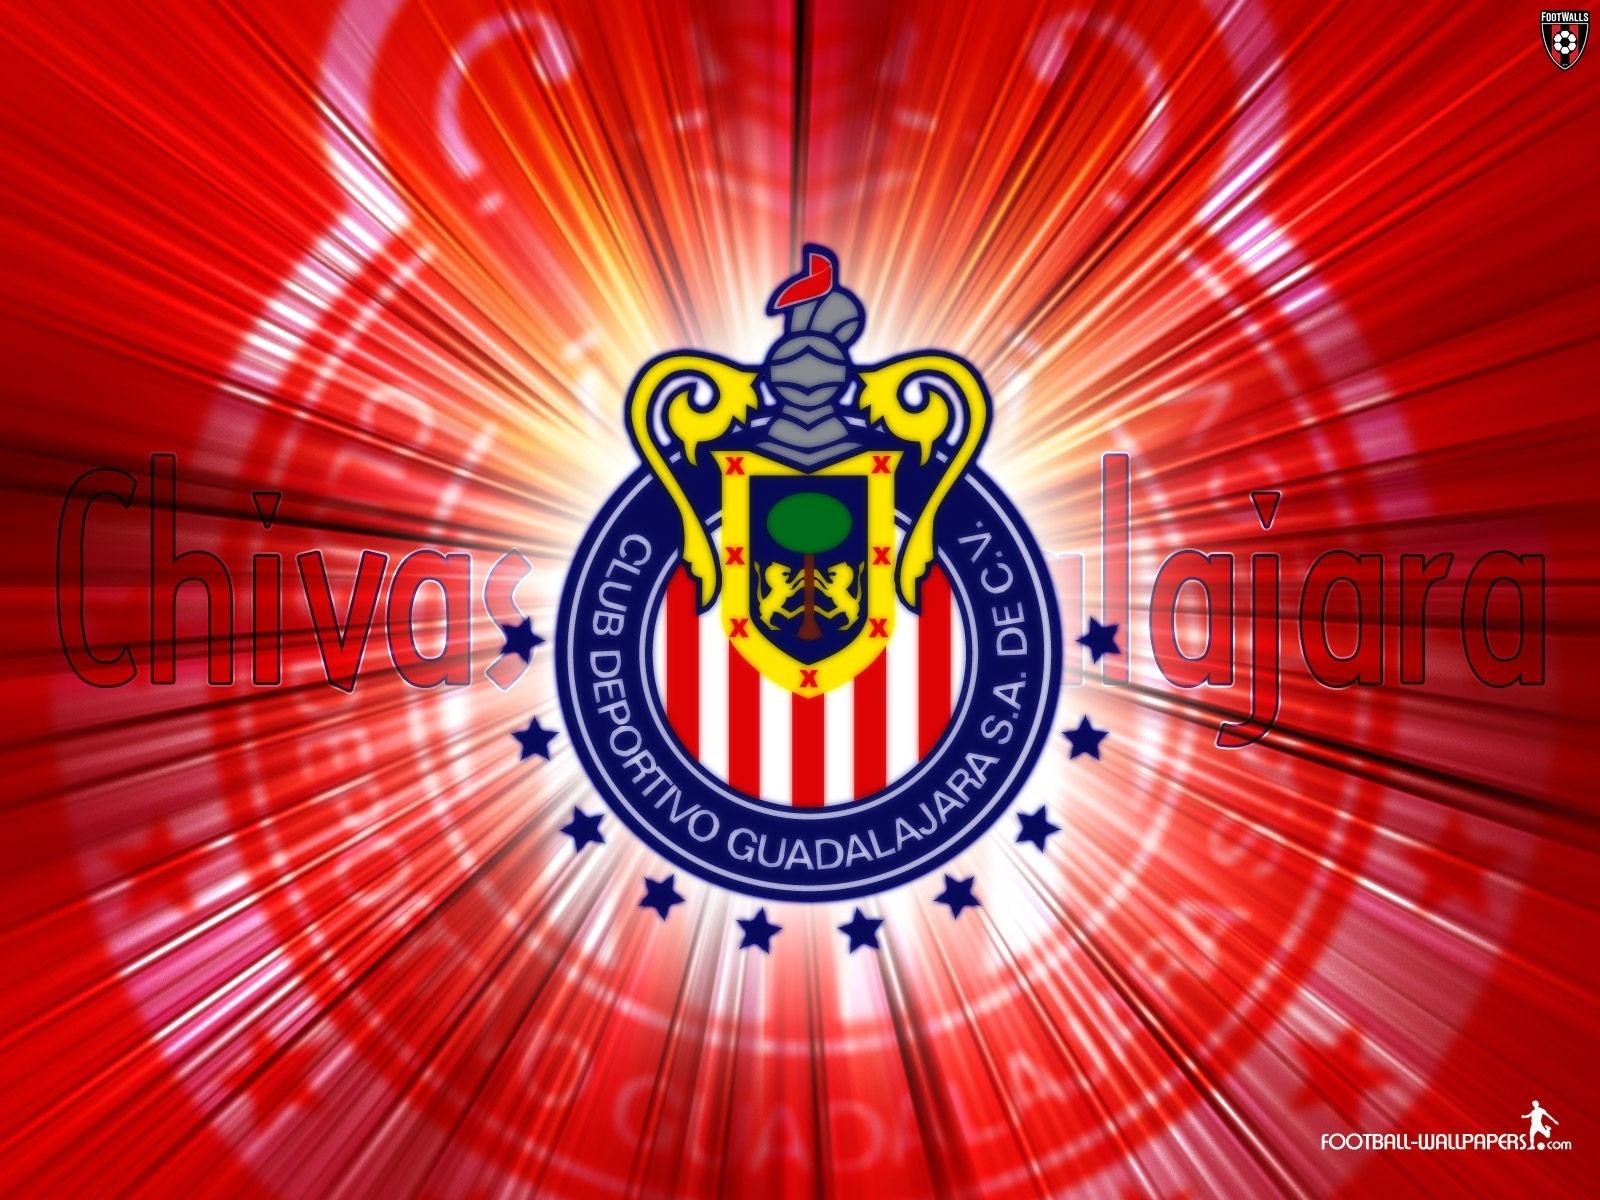 chivas guadalajara wallpaper #5 - football wallpapers